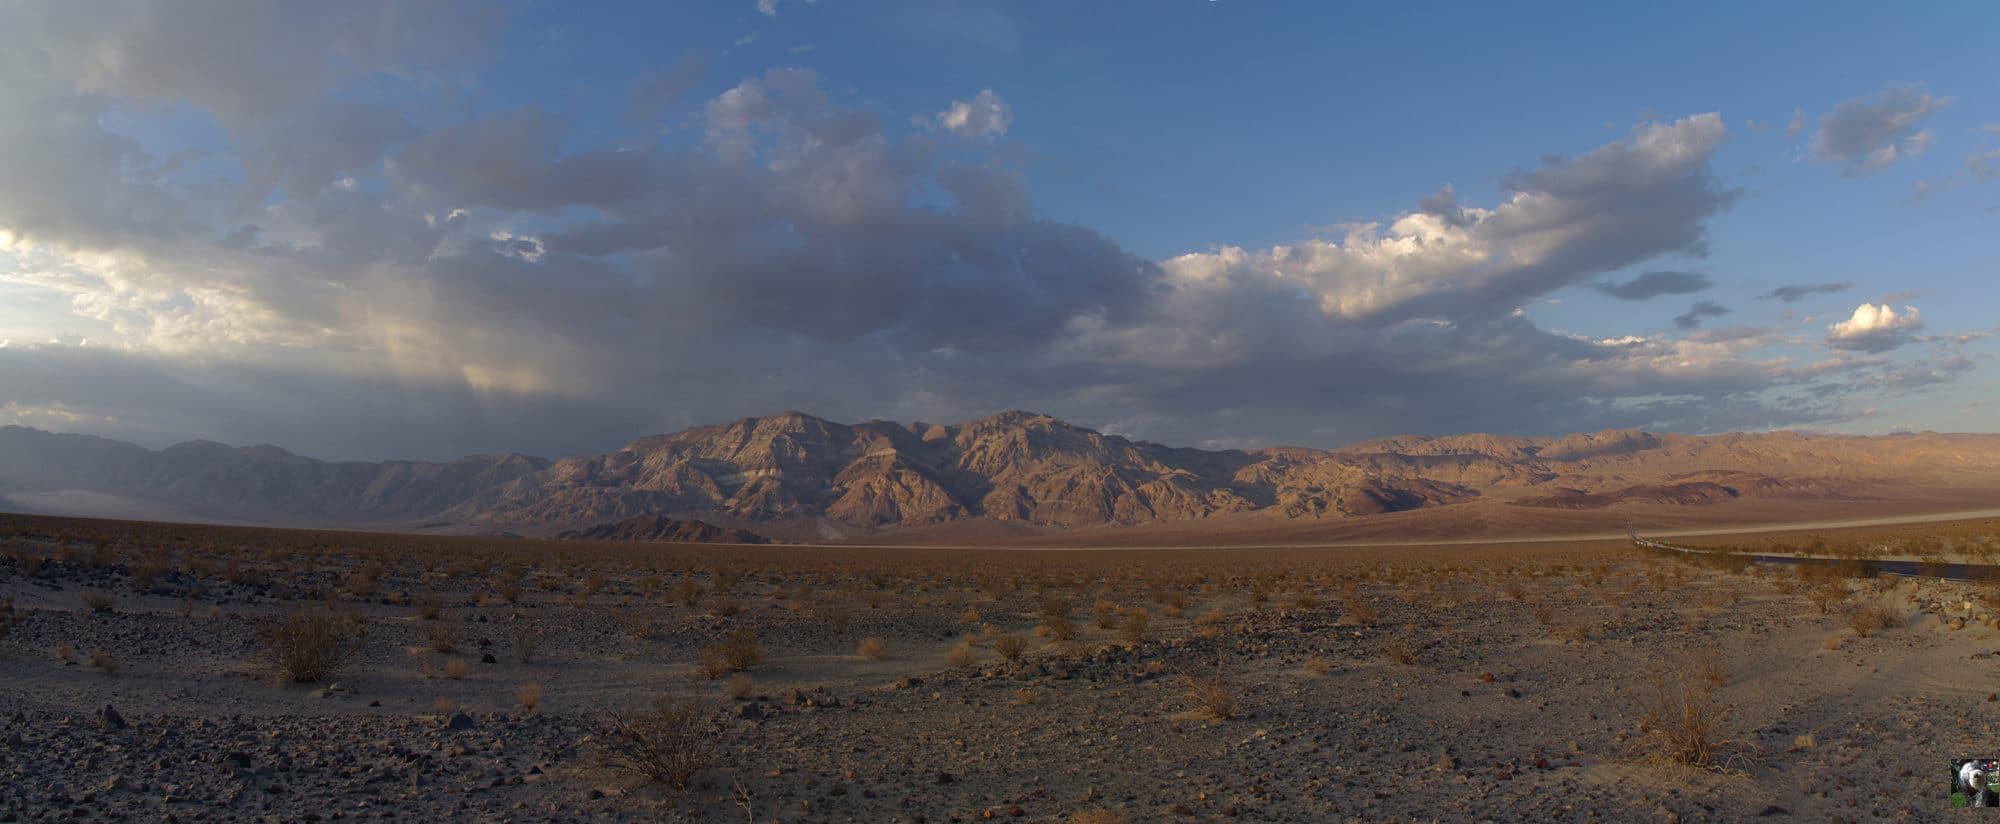 Death Valley, le coucher de soleil donne ces couleurs chaudes au paysage.